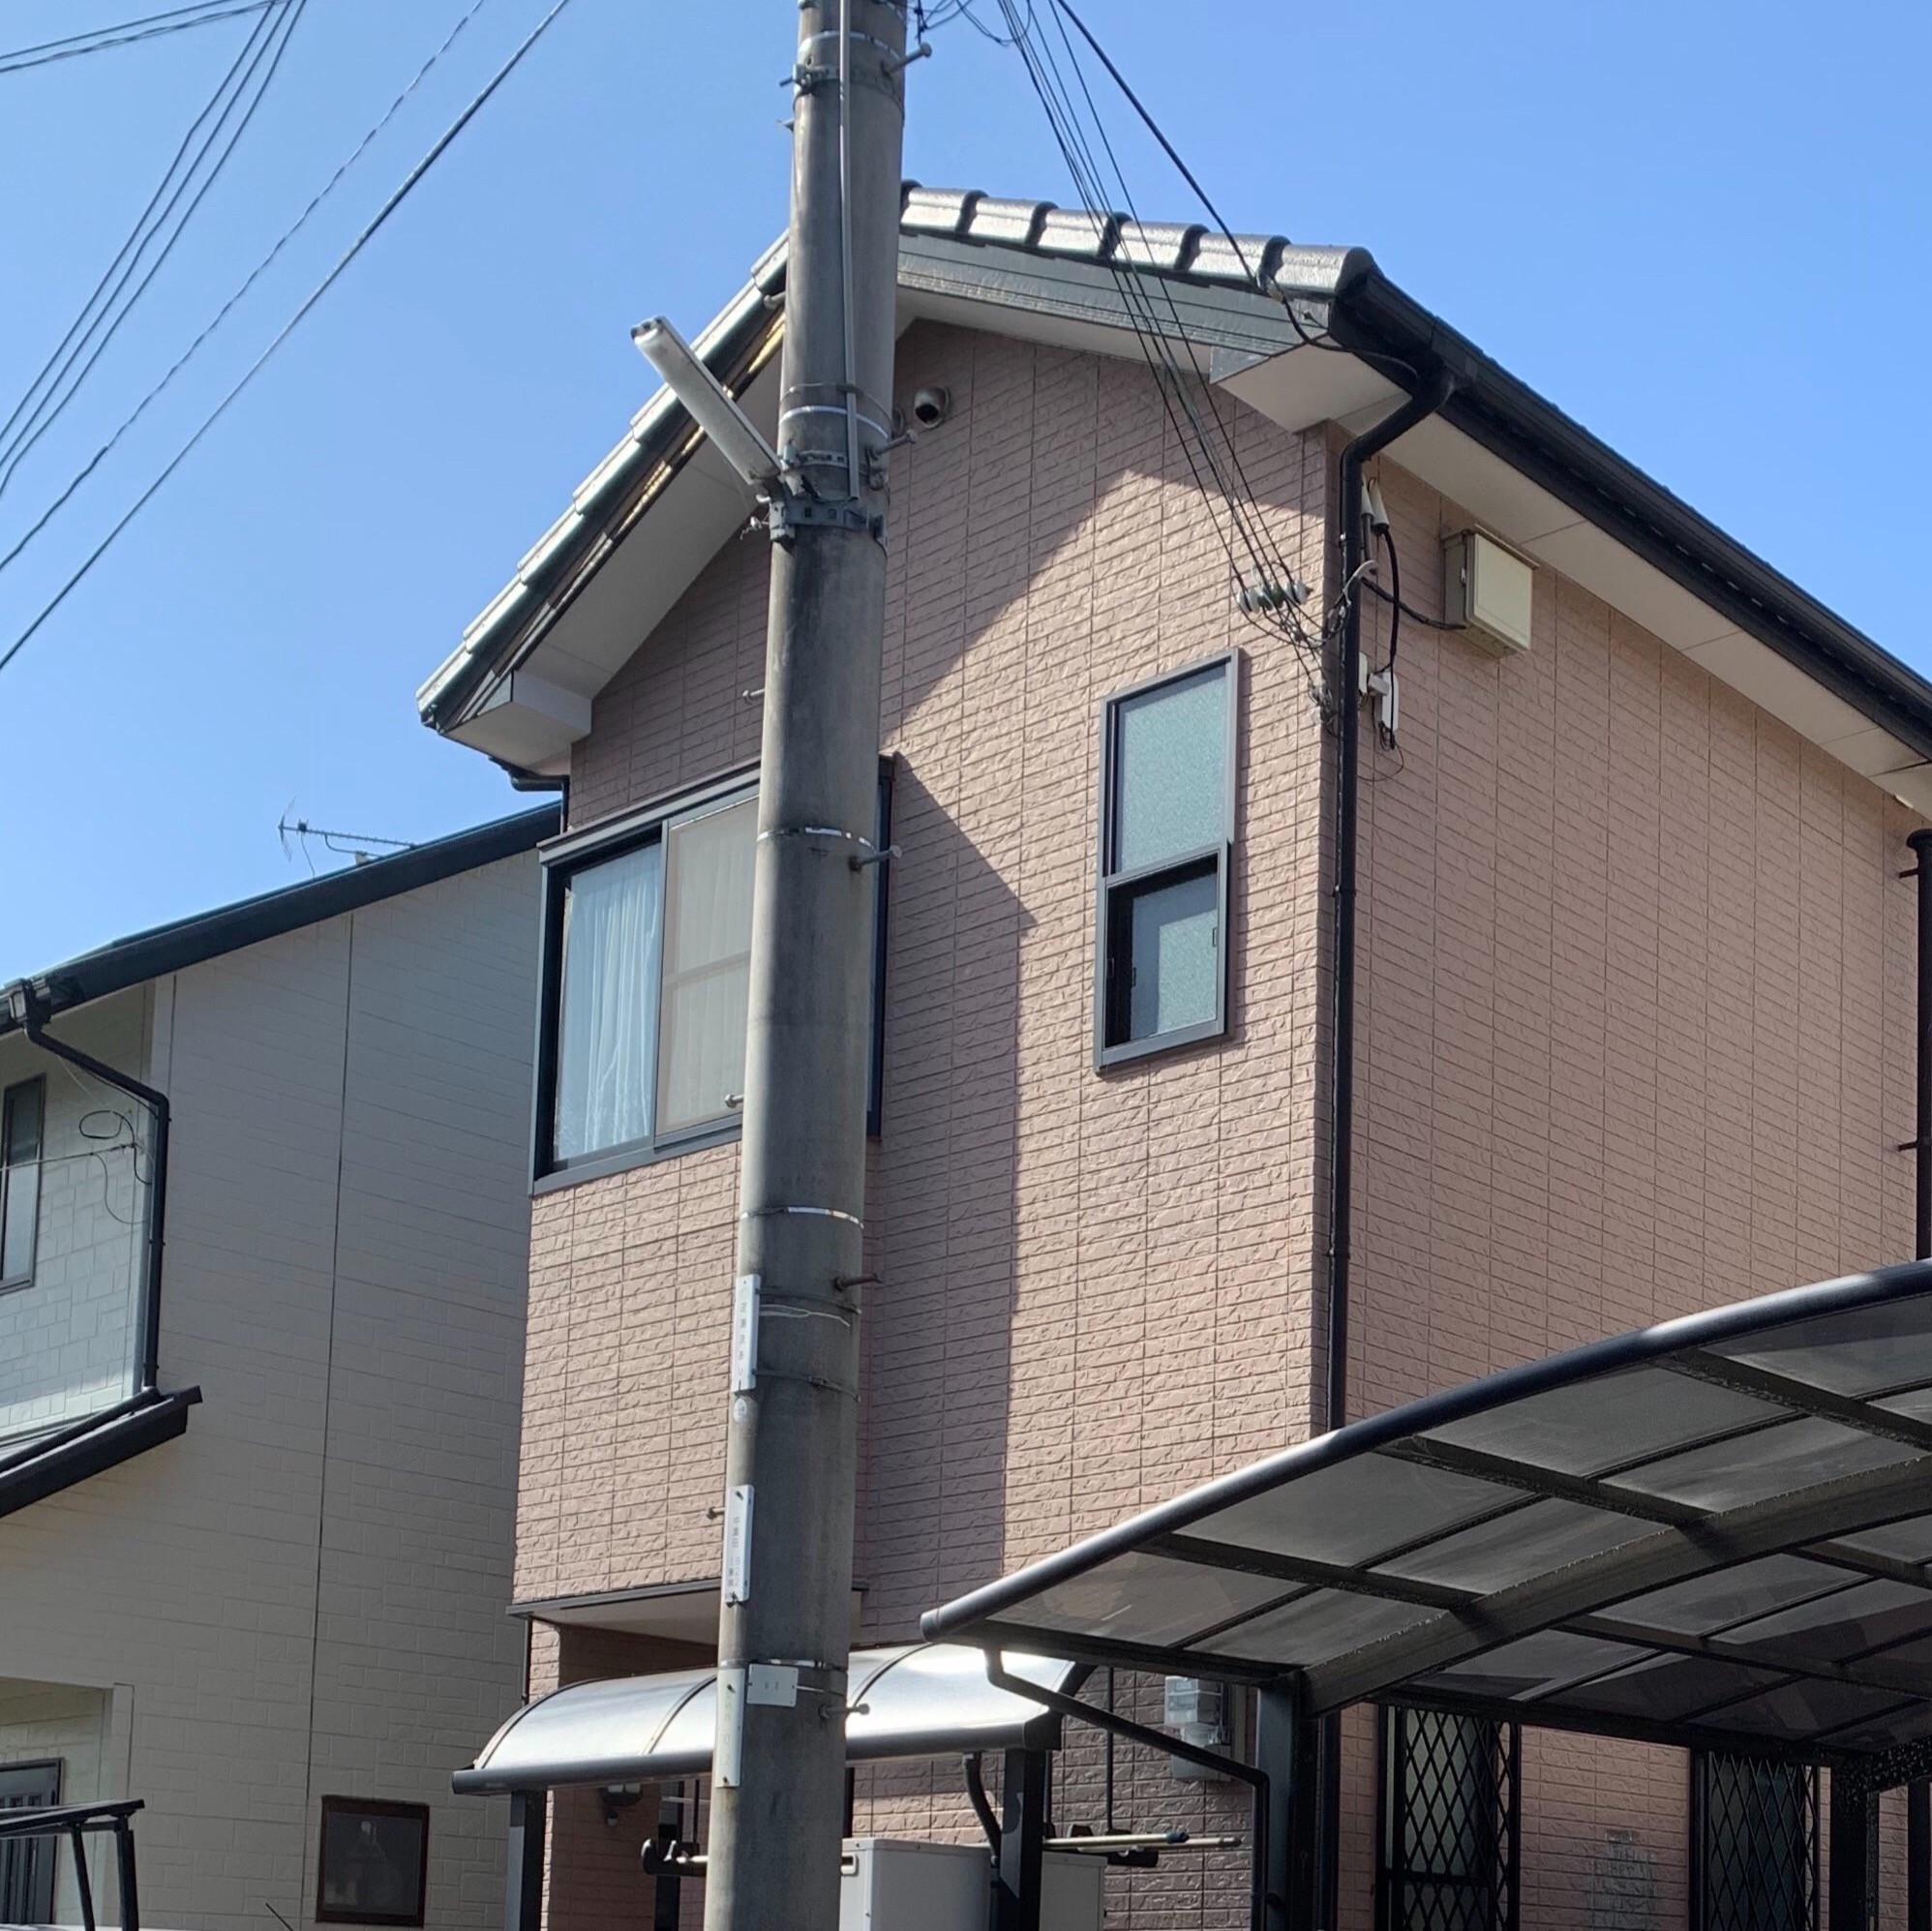 和歌山市で外壁塗装のご依頼! after画像